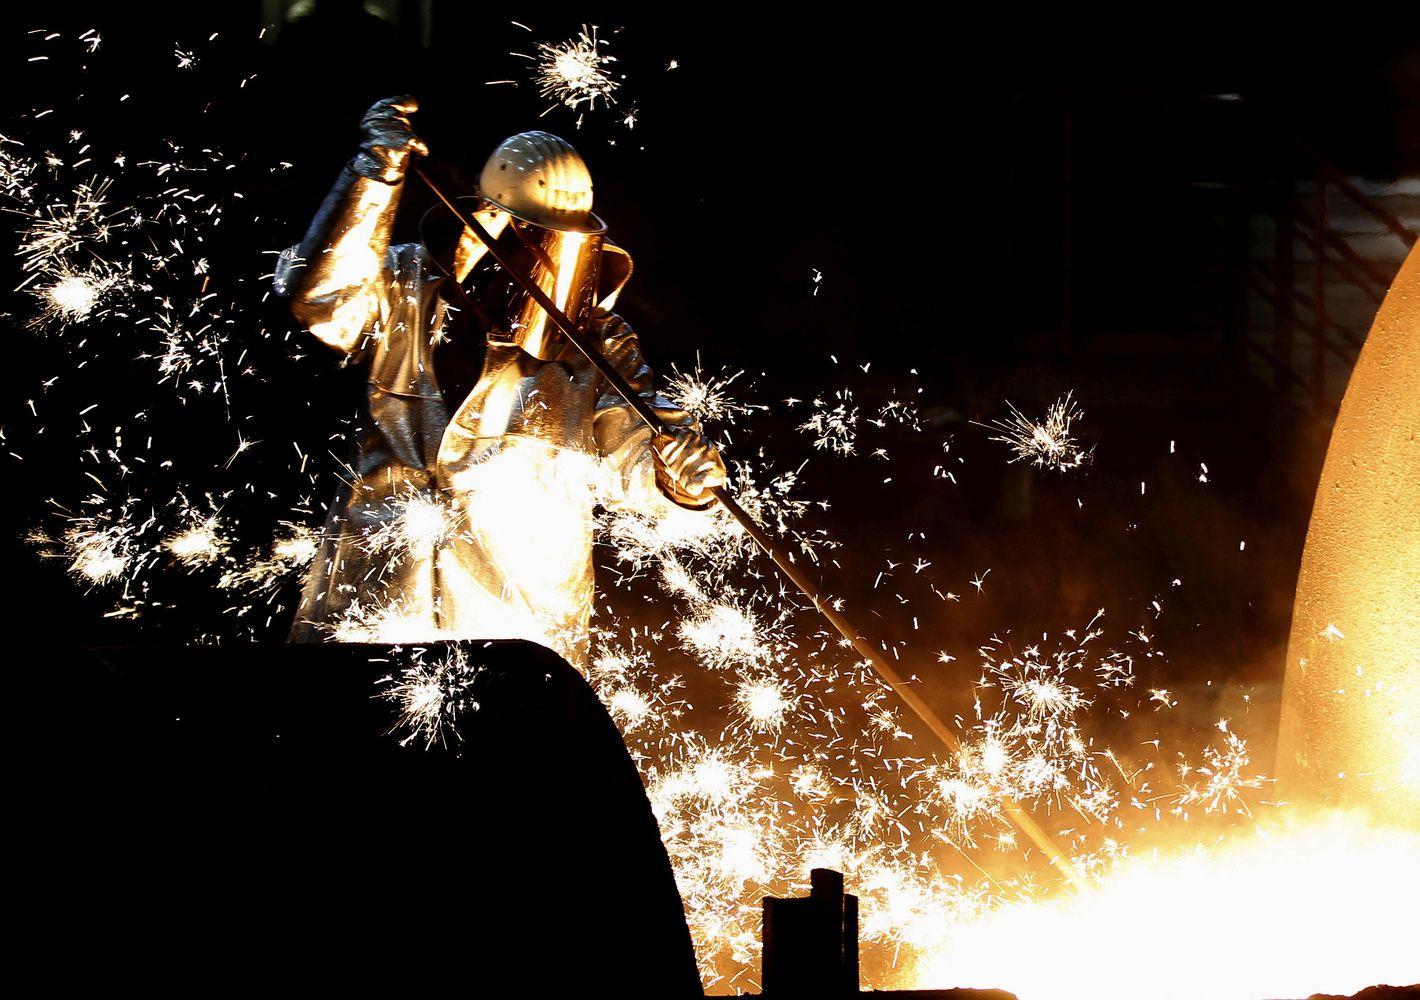 Vokietijos pramonės užsakymai smuktelėjo į pusantrų metų nematytas žemumas